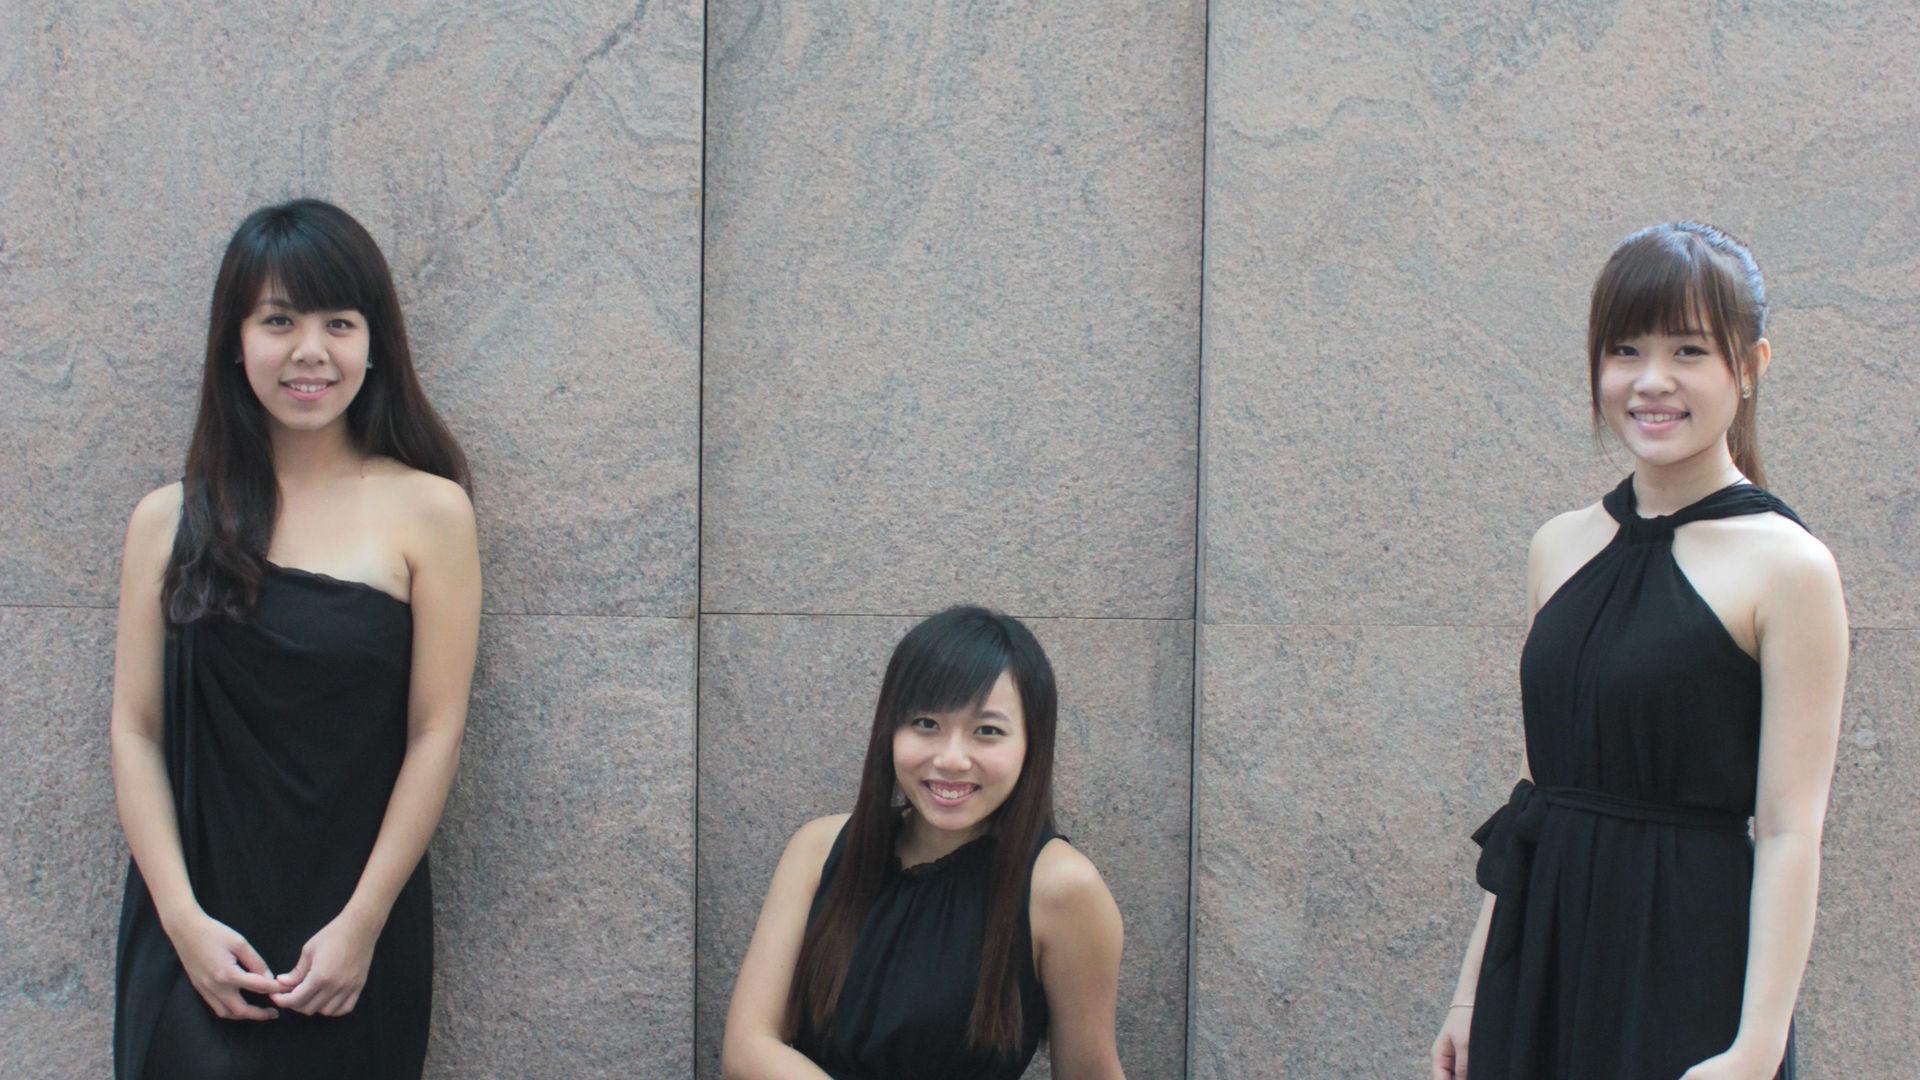 11.1.2 Group 2 - 新加坡阮协会,新加坡琴筝学会《筝阮情韵》 -